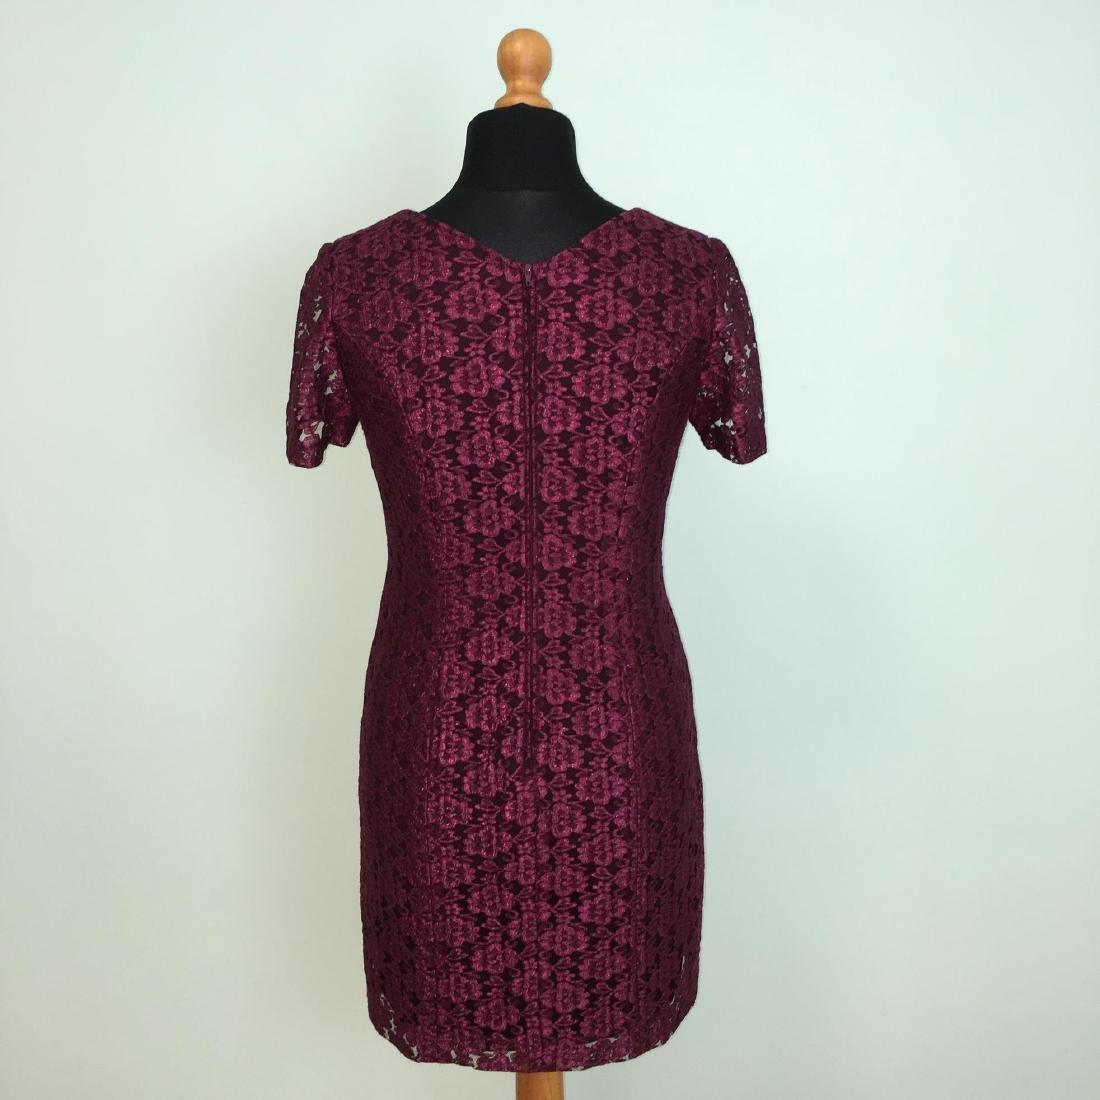 Vintage Women's Evening Coctail Dress - 4